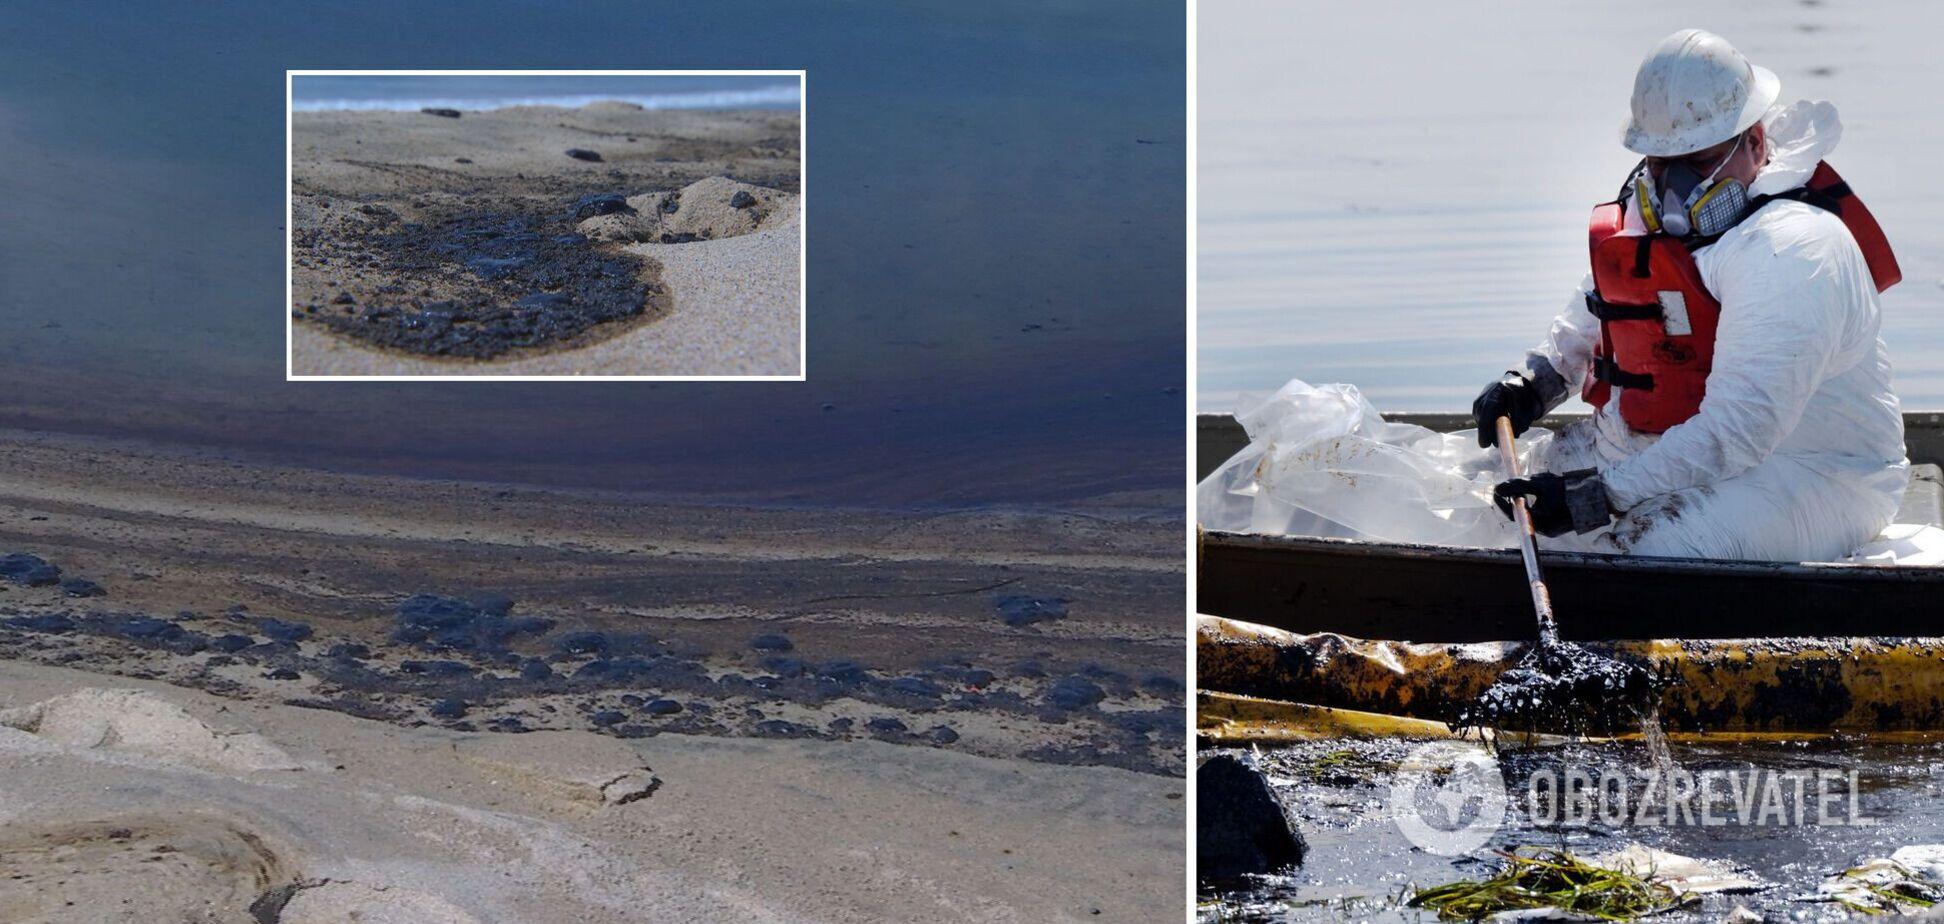 Біля узбережжя Каліфорнії трапився масштабний розлив нафти: загинули риба й птахи. Відео